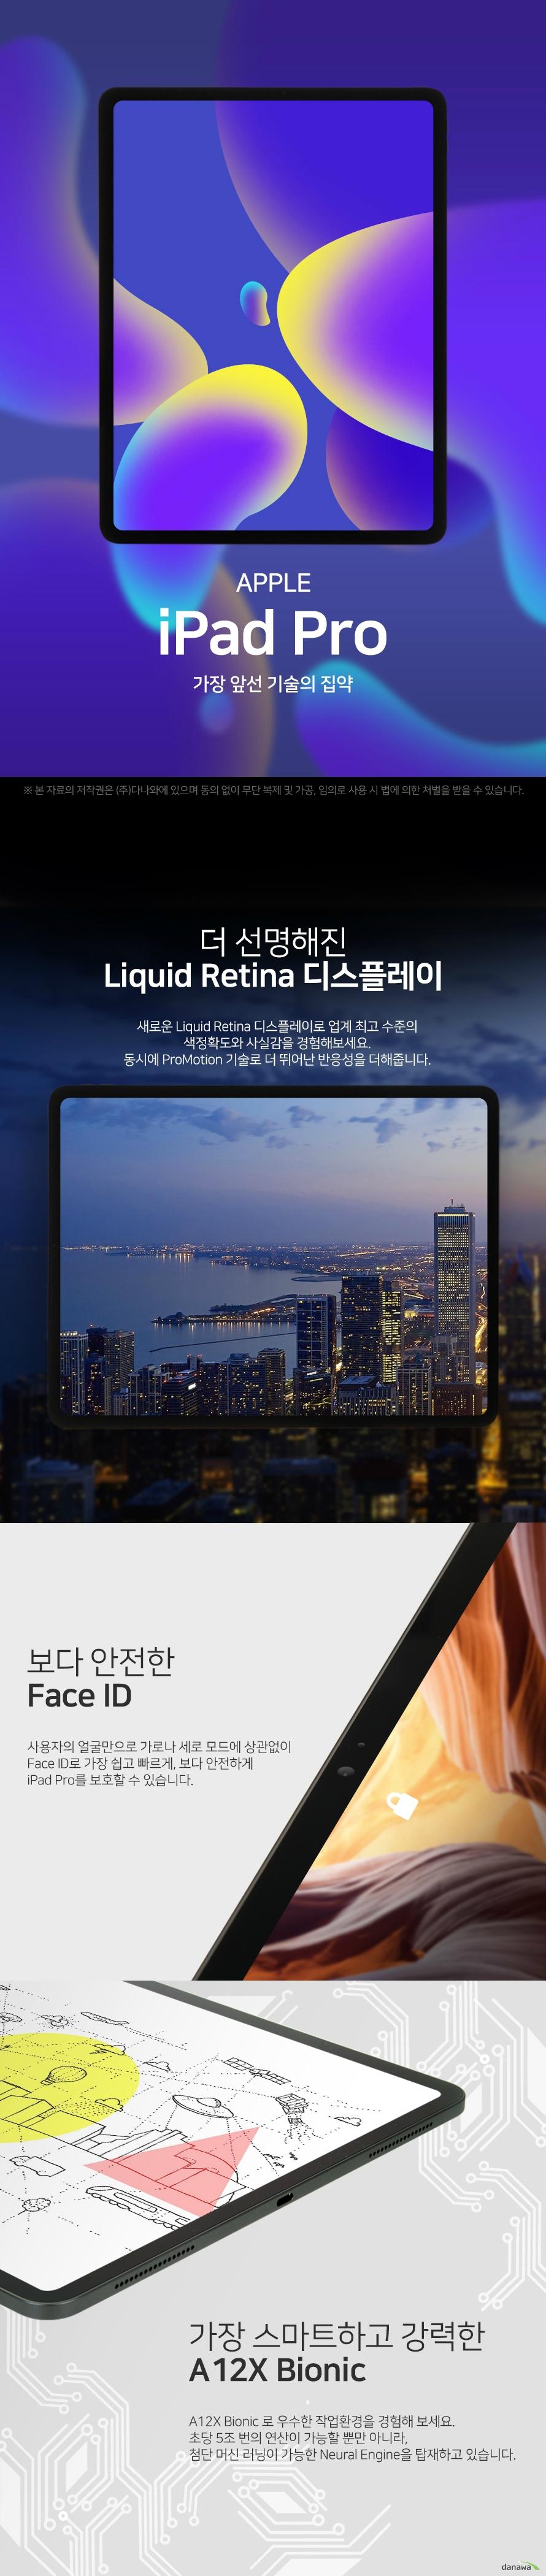 APPLE iPad Pro 가장 앞선 기술의 집약 더 선명해진 Liquid Retina 디스플레이 새로운 Liquid Retina 디스플레이로 업계 최고 수준의 색 정확도와 사실감을 경험해보세요 동시에 ProMotion 기술로 더 뛰어난 반응성을 더해줍니다 보다 안전한 Face ID 사용자의 얼굴만으로 가로나 세로 모드에 상관없이 Face ID로 가장 쉽고 빠르게 보다 안전하게 iPad Pro를 보호할 수 있습니다 가장 스마트하고 강력한 A 12X Bionic A 12X Bionic로 우수한 작업 환경을 경험해보세요 초당 5조 번의 연산이 가능할 뿐만 아니라 첨단 머신 러닝이 가능한 Neural Engine을 탑재하고 있습니다 우수한 성능의 카메라 iPad Pro의 놀라운 성능의 카메라는 선명한 사진과 영상을 표현해냅니다 원하는 사진을 최대 4K의 해상도로 마음껏 촬영해보세요 USB Type C로 가능해진 무한한 가능성의 시작 USB Type C는 외부 디스플레이나 카메라 같은 다양한 액세서리를 연결할 수 있습니다 다양한 기기와의 무한한 가능성을 경험해보세요 5점 9mm 초슬림 이제껏 가장 얇은 iPad Pro는 뛰어난 휴대성을 자랑합니다 출장 시에나 이동 시에도 편리하게 휴대하며 작업할 수 있습니다 뛰어난 퍼포먼스를 가장 얇은 두께로 경험해보세요 새로워진 Apple Pencil과 함께 당신의 터치에 반응하는 Apple Pencil로 멈추지 않고 더욱 효율적으로 작업해보세요 부착하기만 하면 페어링도 되고 충전도 가능합니다 Specification 화면 정보 화면 크기 32점 76cm 12점 9인치 디스플레이 IPS LCD 해상도 2732x2048 ppi 264ppi 시스템 정보 CPU 제조사 애플 CPU 명 A12X 코어 수 옥타 8 코어 RAM 용량 4GB 저장 용량 내장 256GB 저장 매체 SSD 추가 메모리 슬롯 micro SD 미지원 네트워크 규격 태블릿 통신 LTE Wi Fi Wi Fi 주파수 802점 11 a b g n ac 블루투스 버전 블루투스 v5 점 0 카메라 성능 후면 카메라 1200만 화소 전면 카메라 700만 화소 카메라 플래시 LED 플래쉬 지원 4K 촬영 가능 센서 자이로 센서 가속도 센서 나침반 센서 근접 센서 단자 배터리 USB 충전 단자 USB 타입 C USB 풀사이즈 미지원 HDMI 미지원 MHL 미지원 전용 터치펜 별매 전용 키보드 별매 배터리 용량 36점 71Wh 제품의 외관 사양 등은 제품 개선을 위해 사전 예고 없이 변경될 수 있습니다